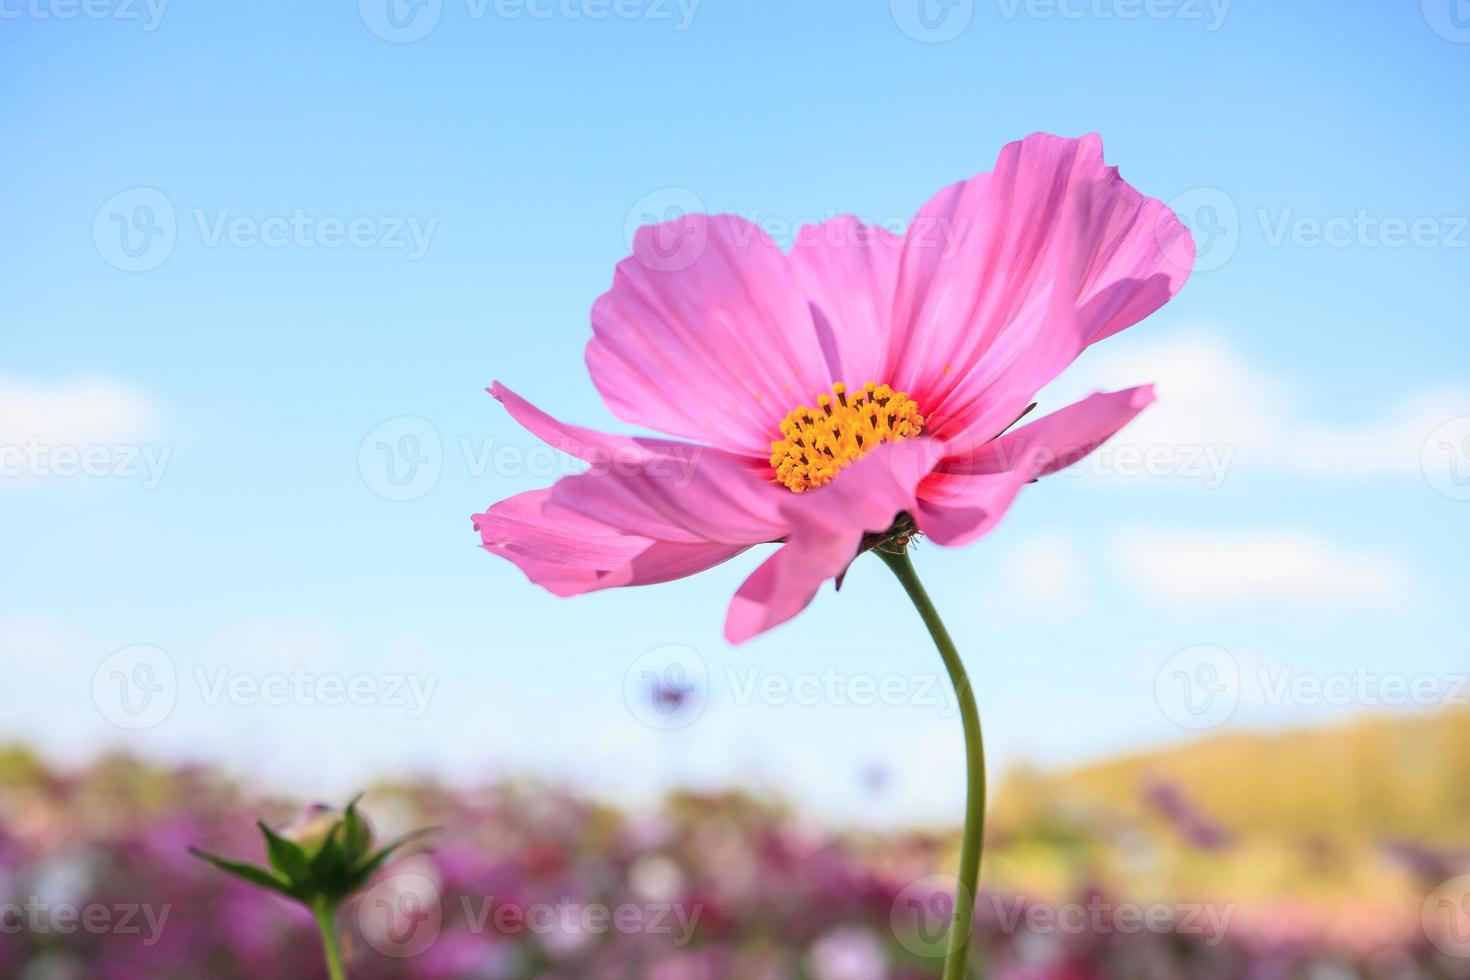 rosa Kosmosblume schließen oben mit Himmel foto